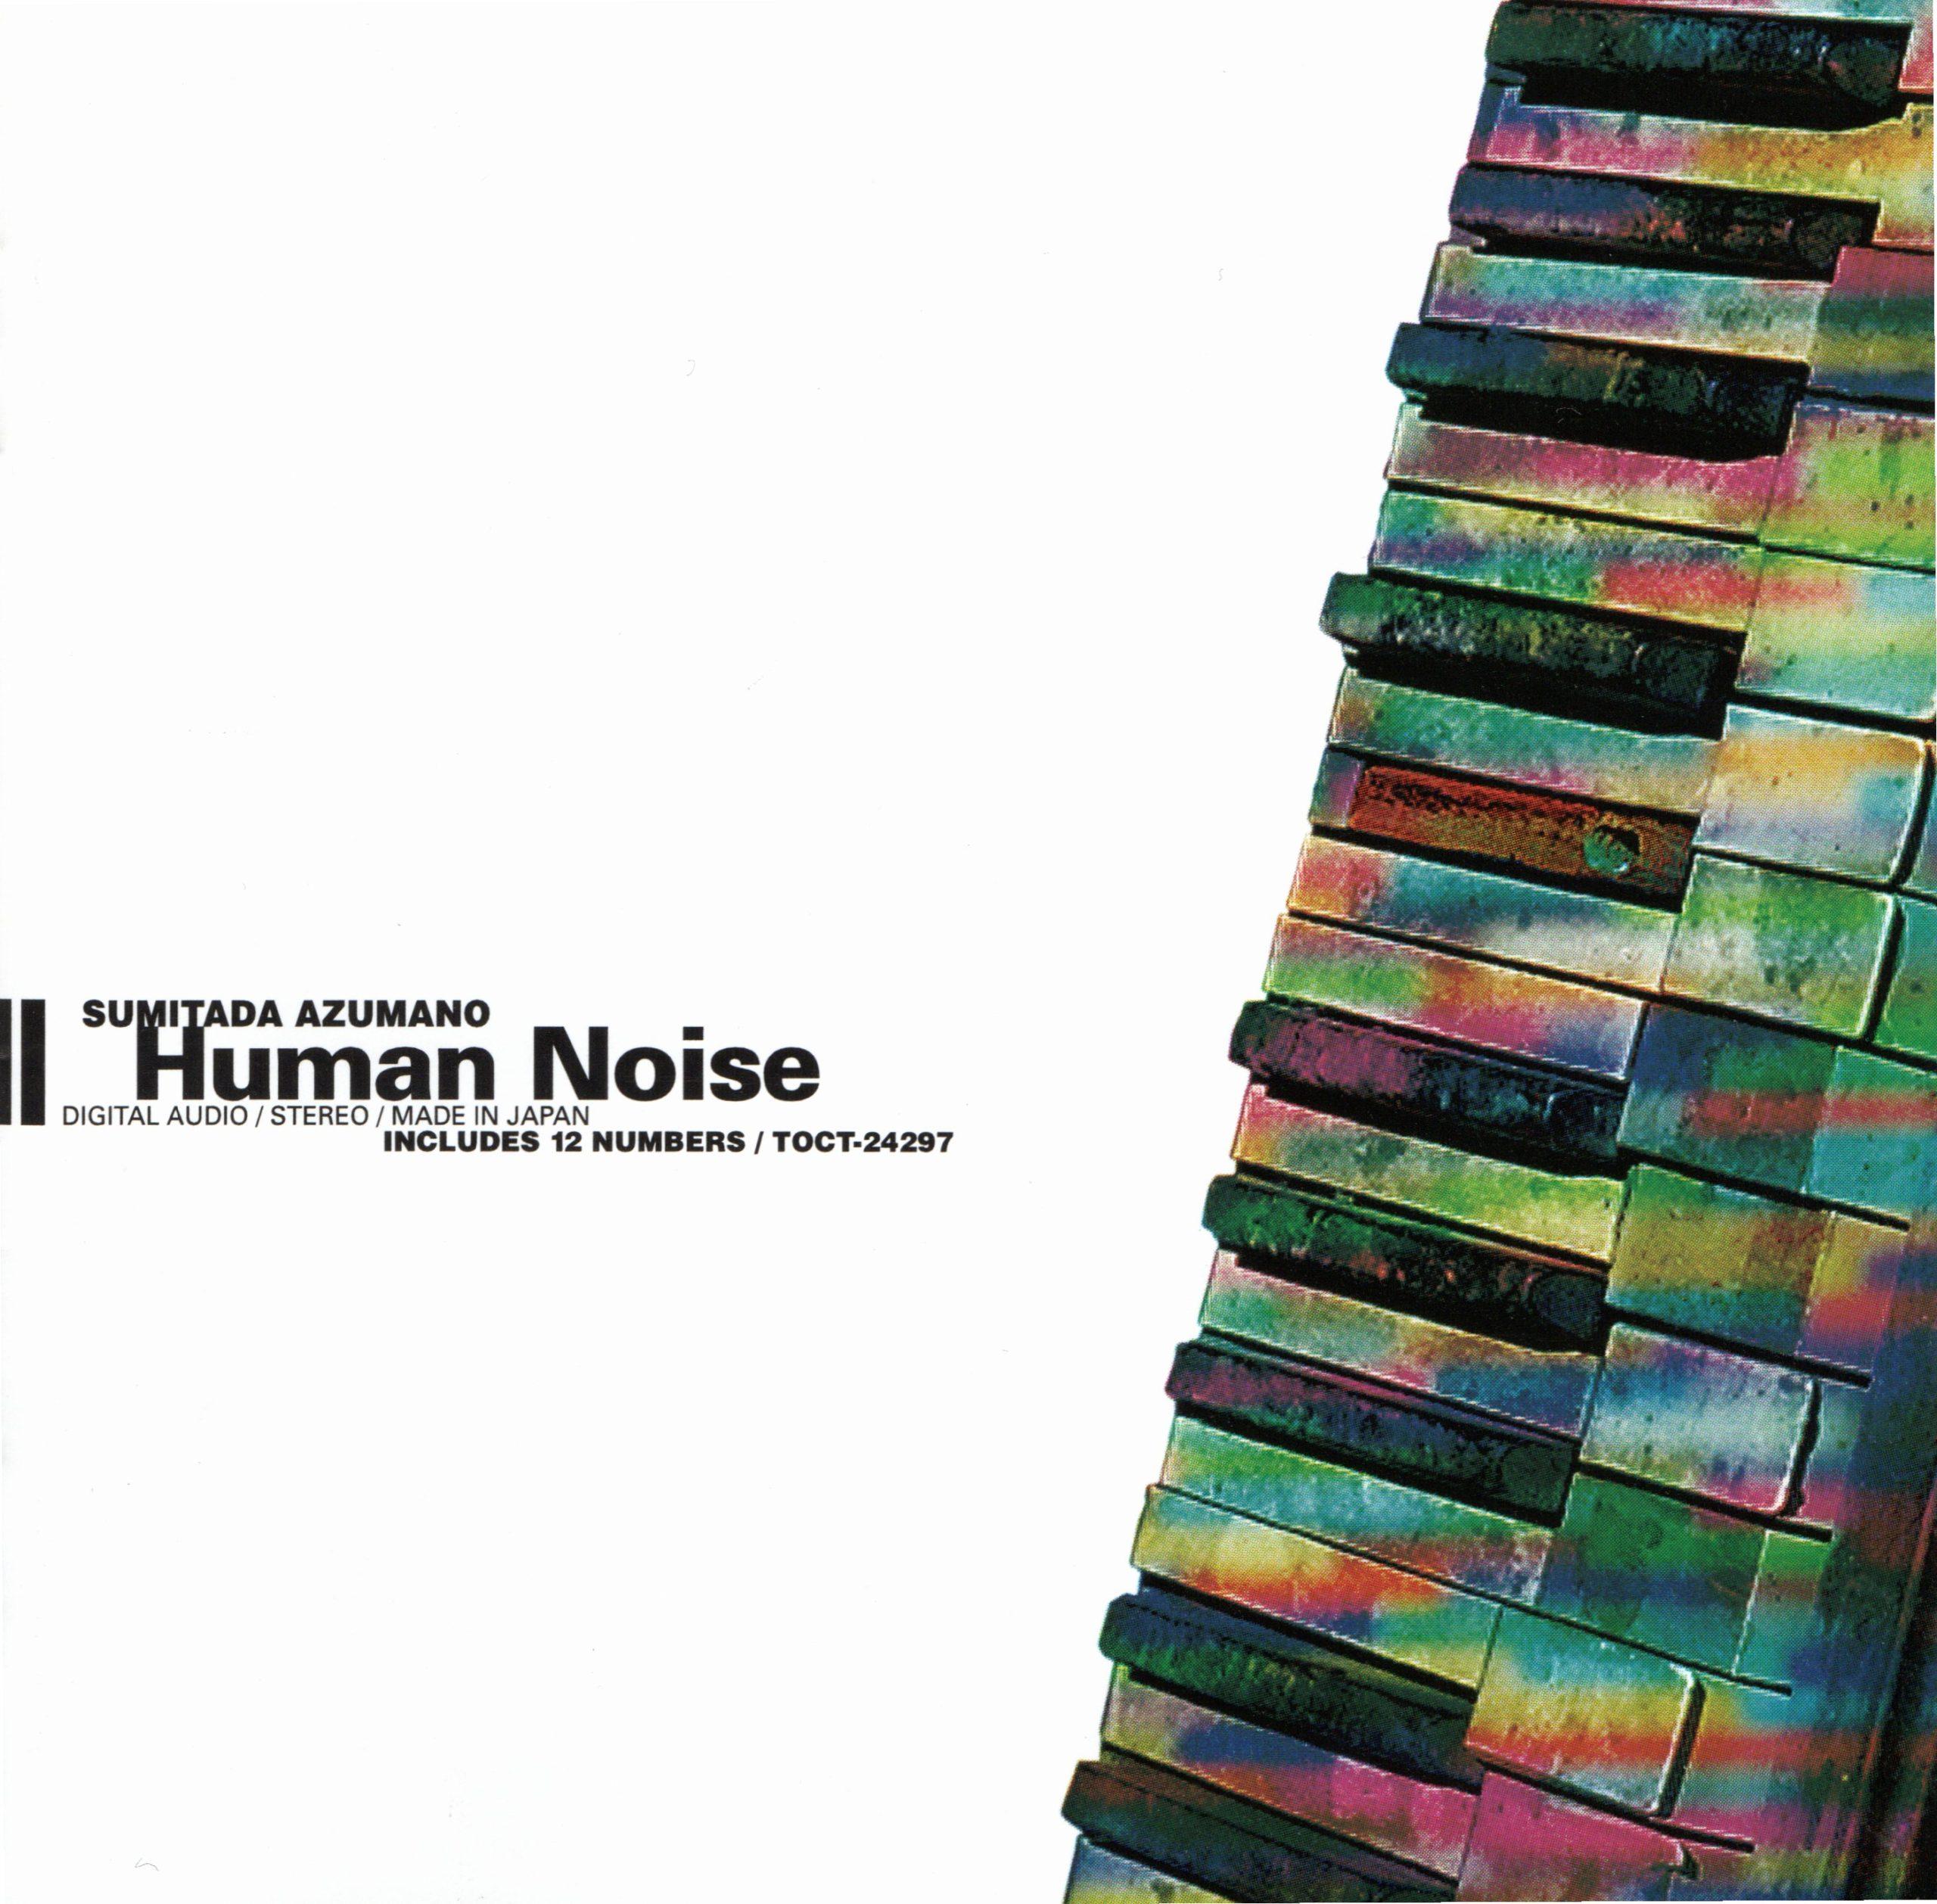 Human Noise